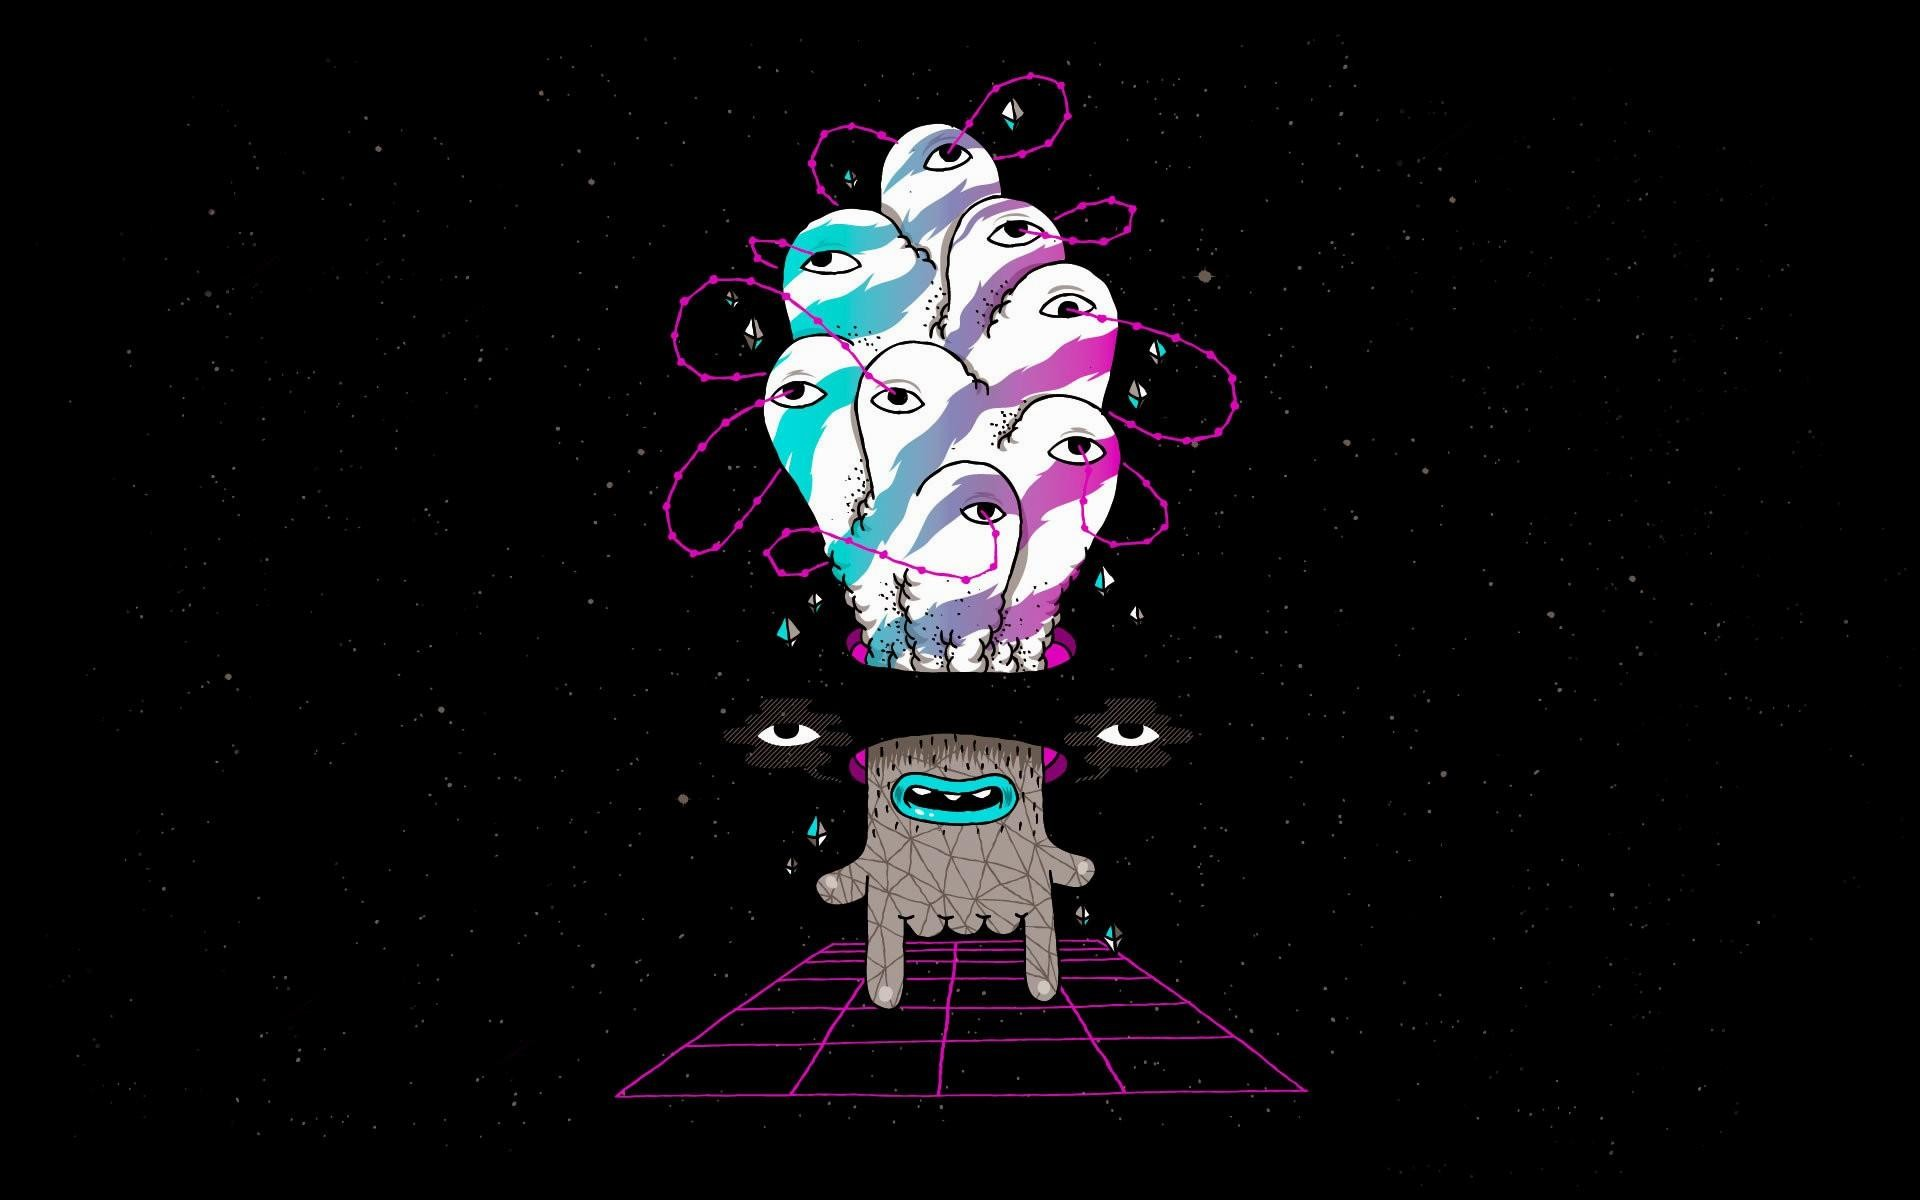 wallpaper.wiki-Weird-Image-PIC-WPD00193